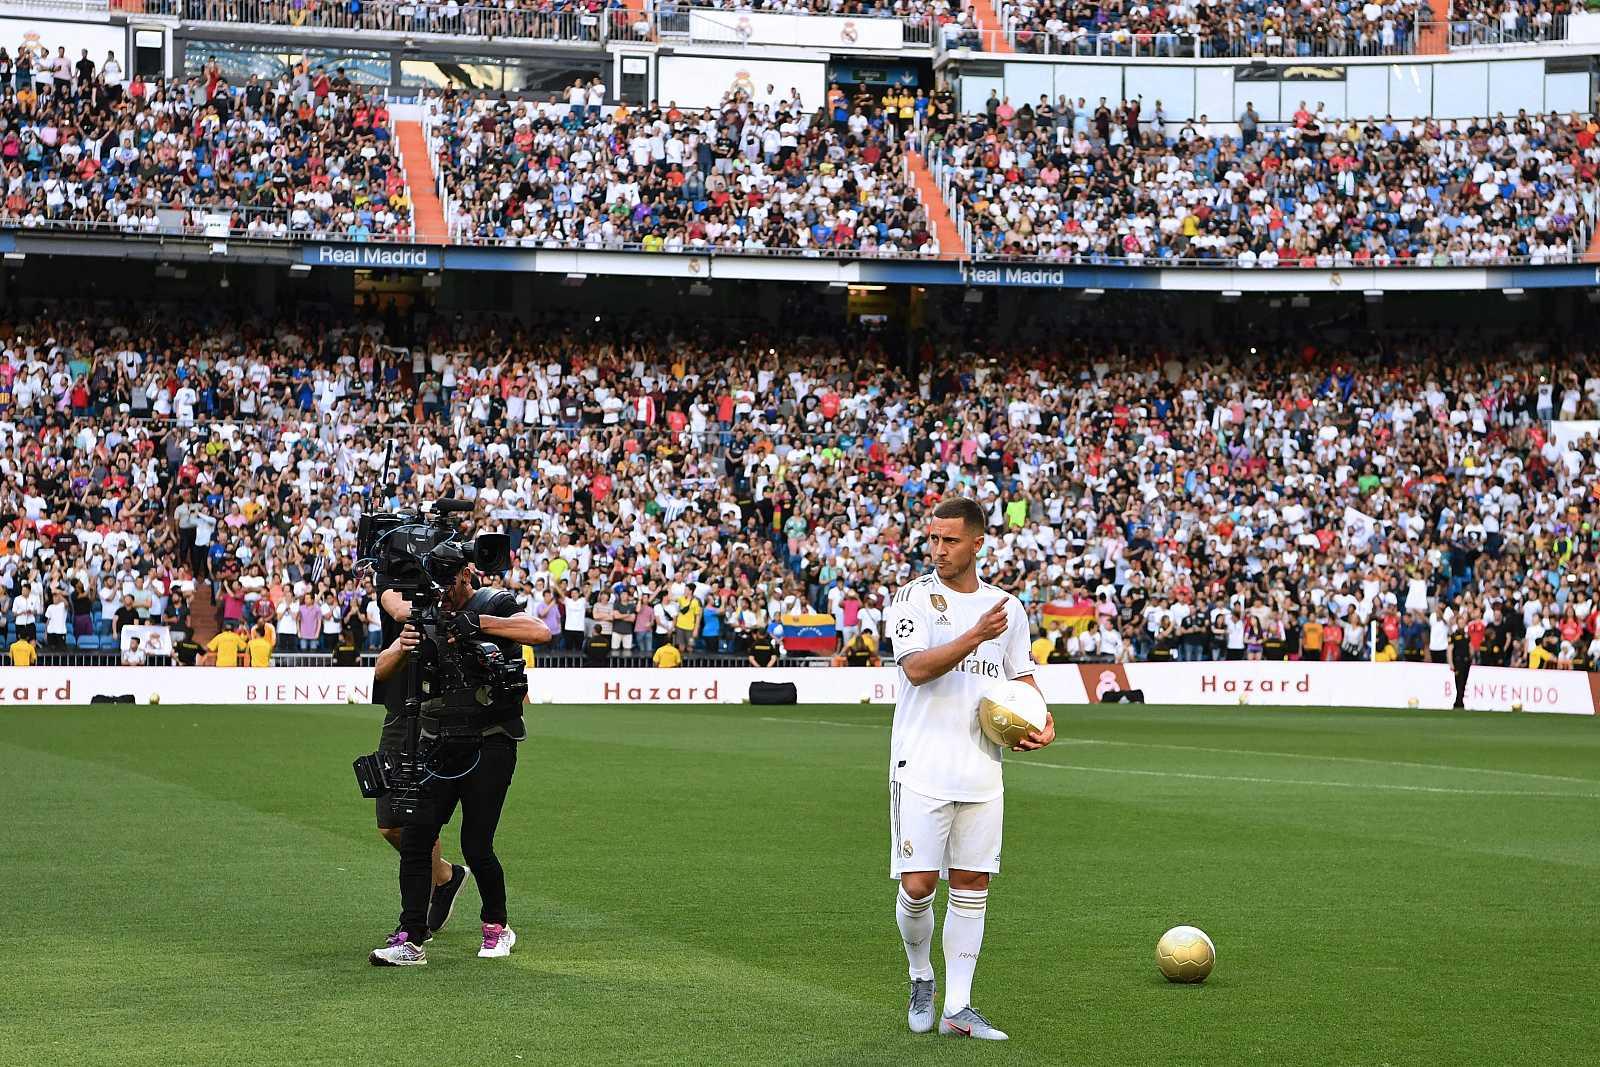 El Madrid toma la delantera a Barça y Atlético en el mercado de verano